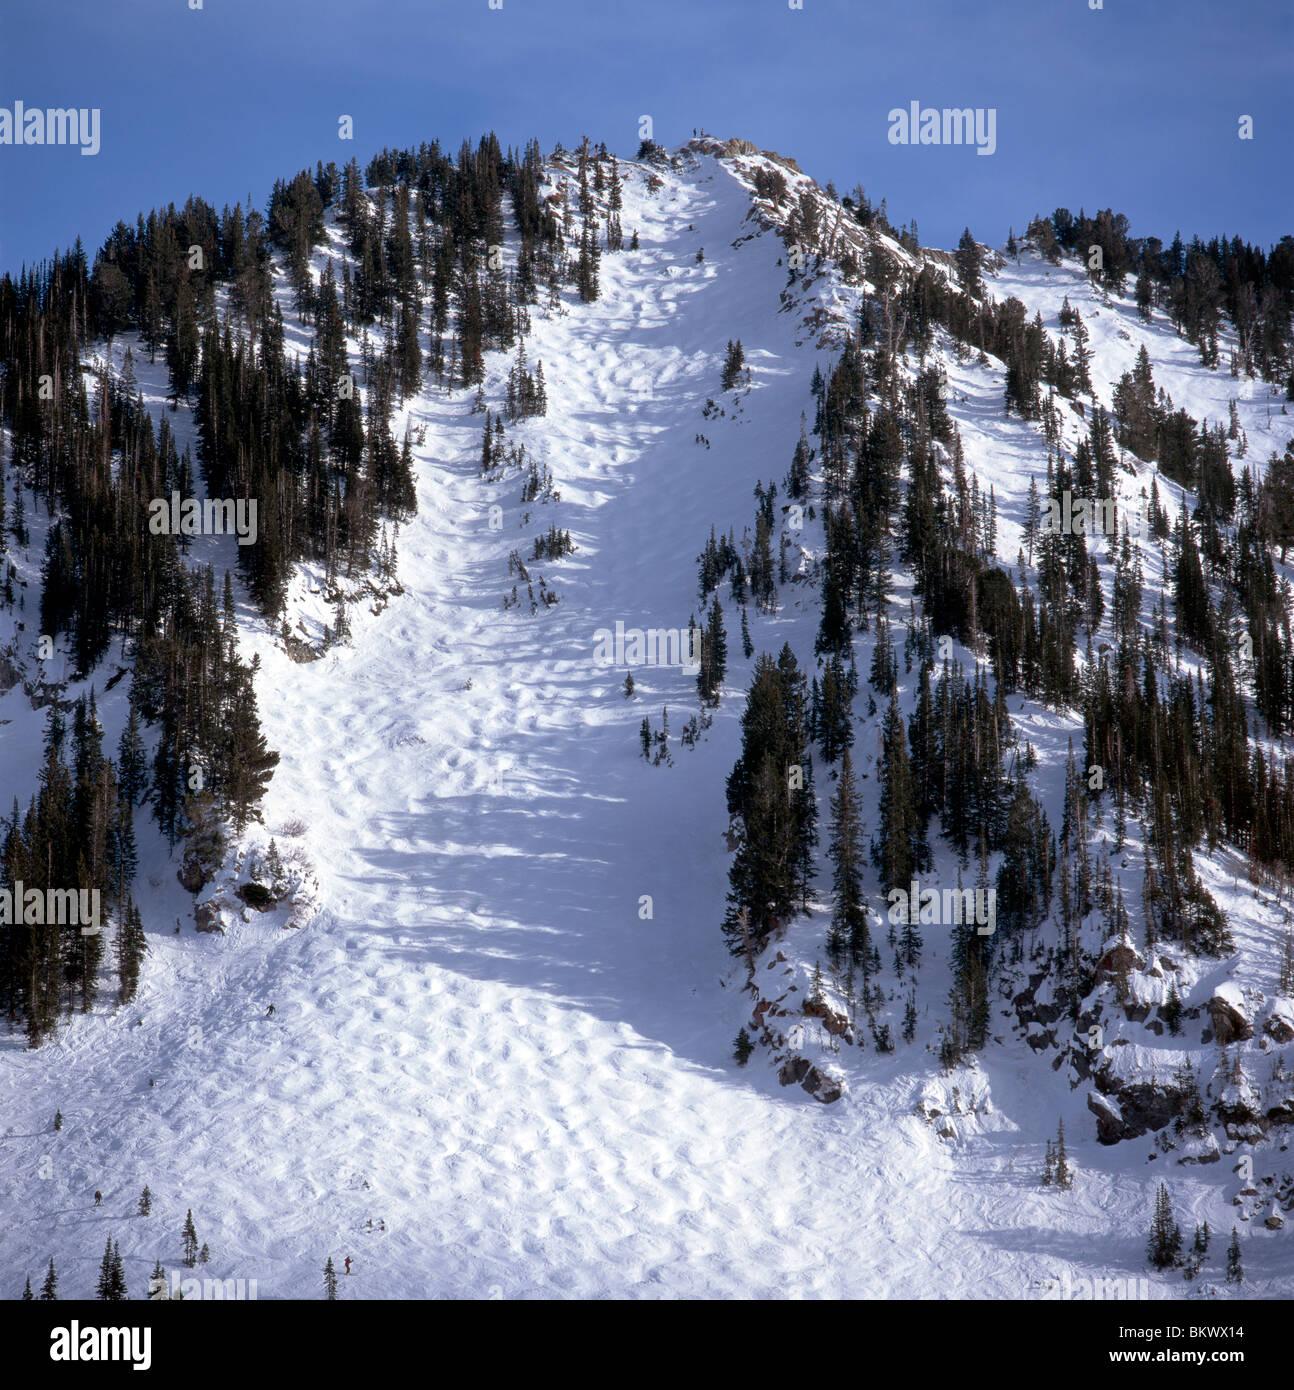 alta ski resort utah stock photos & alta ski resort utah stock